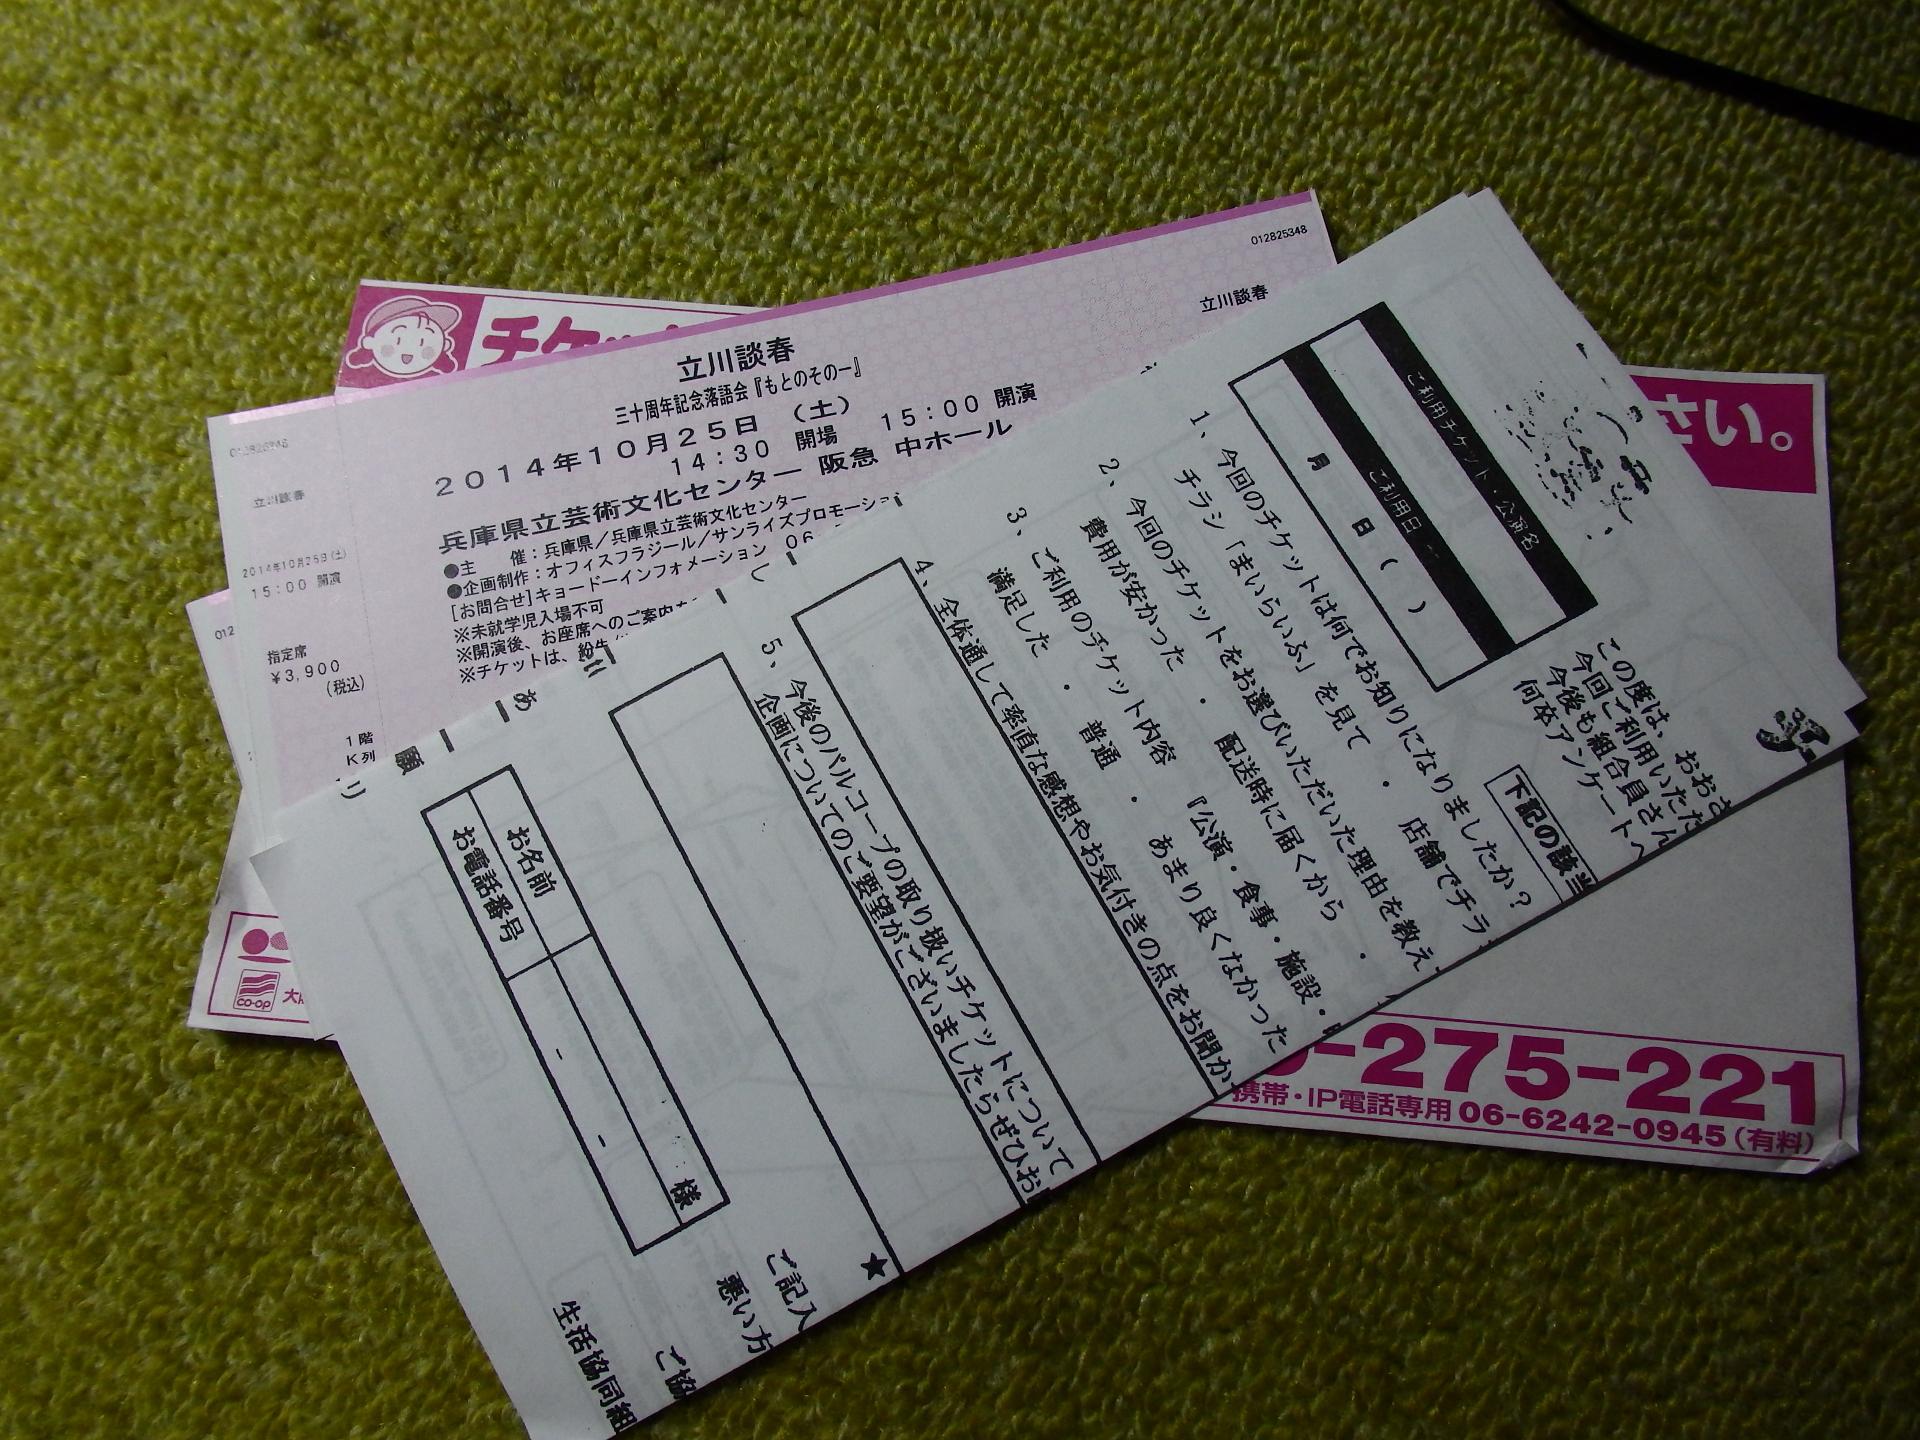 立川談春の独演会に行きます。